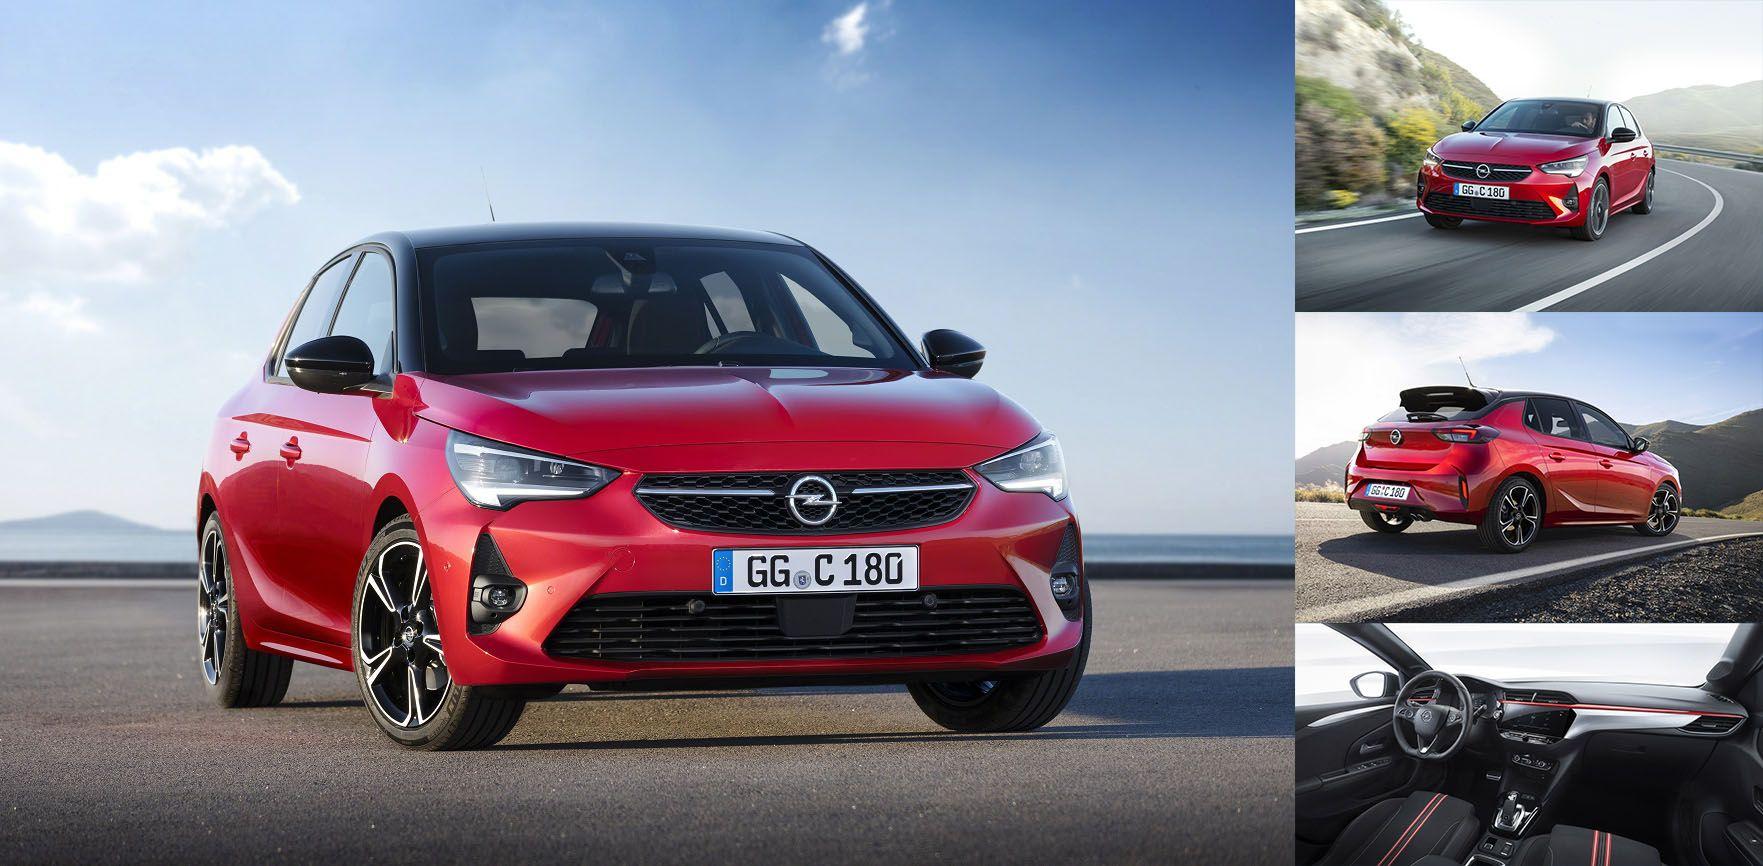 Nuevo Opel Corsa: dinámico, estilizado y económico